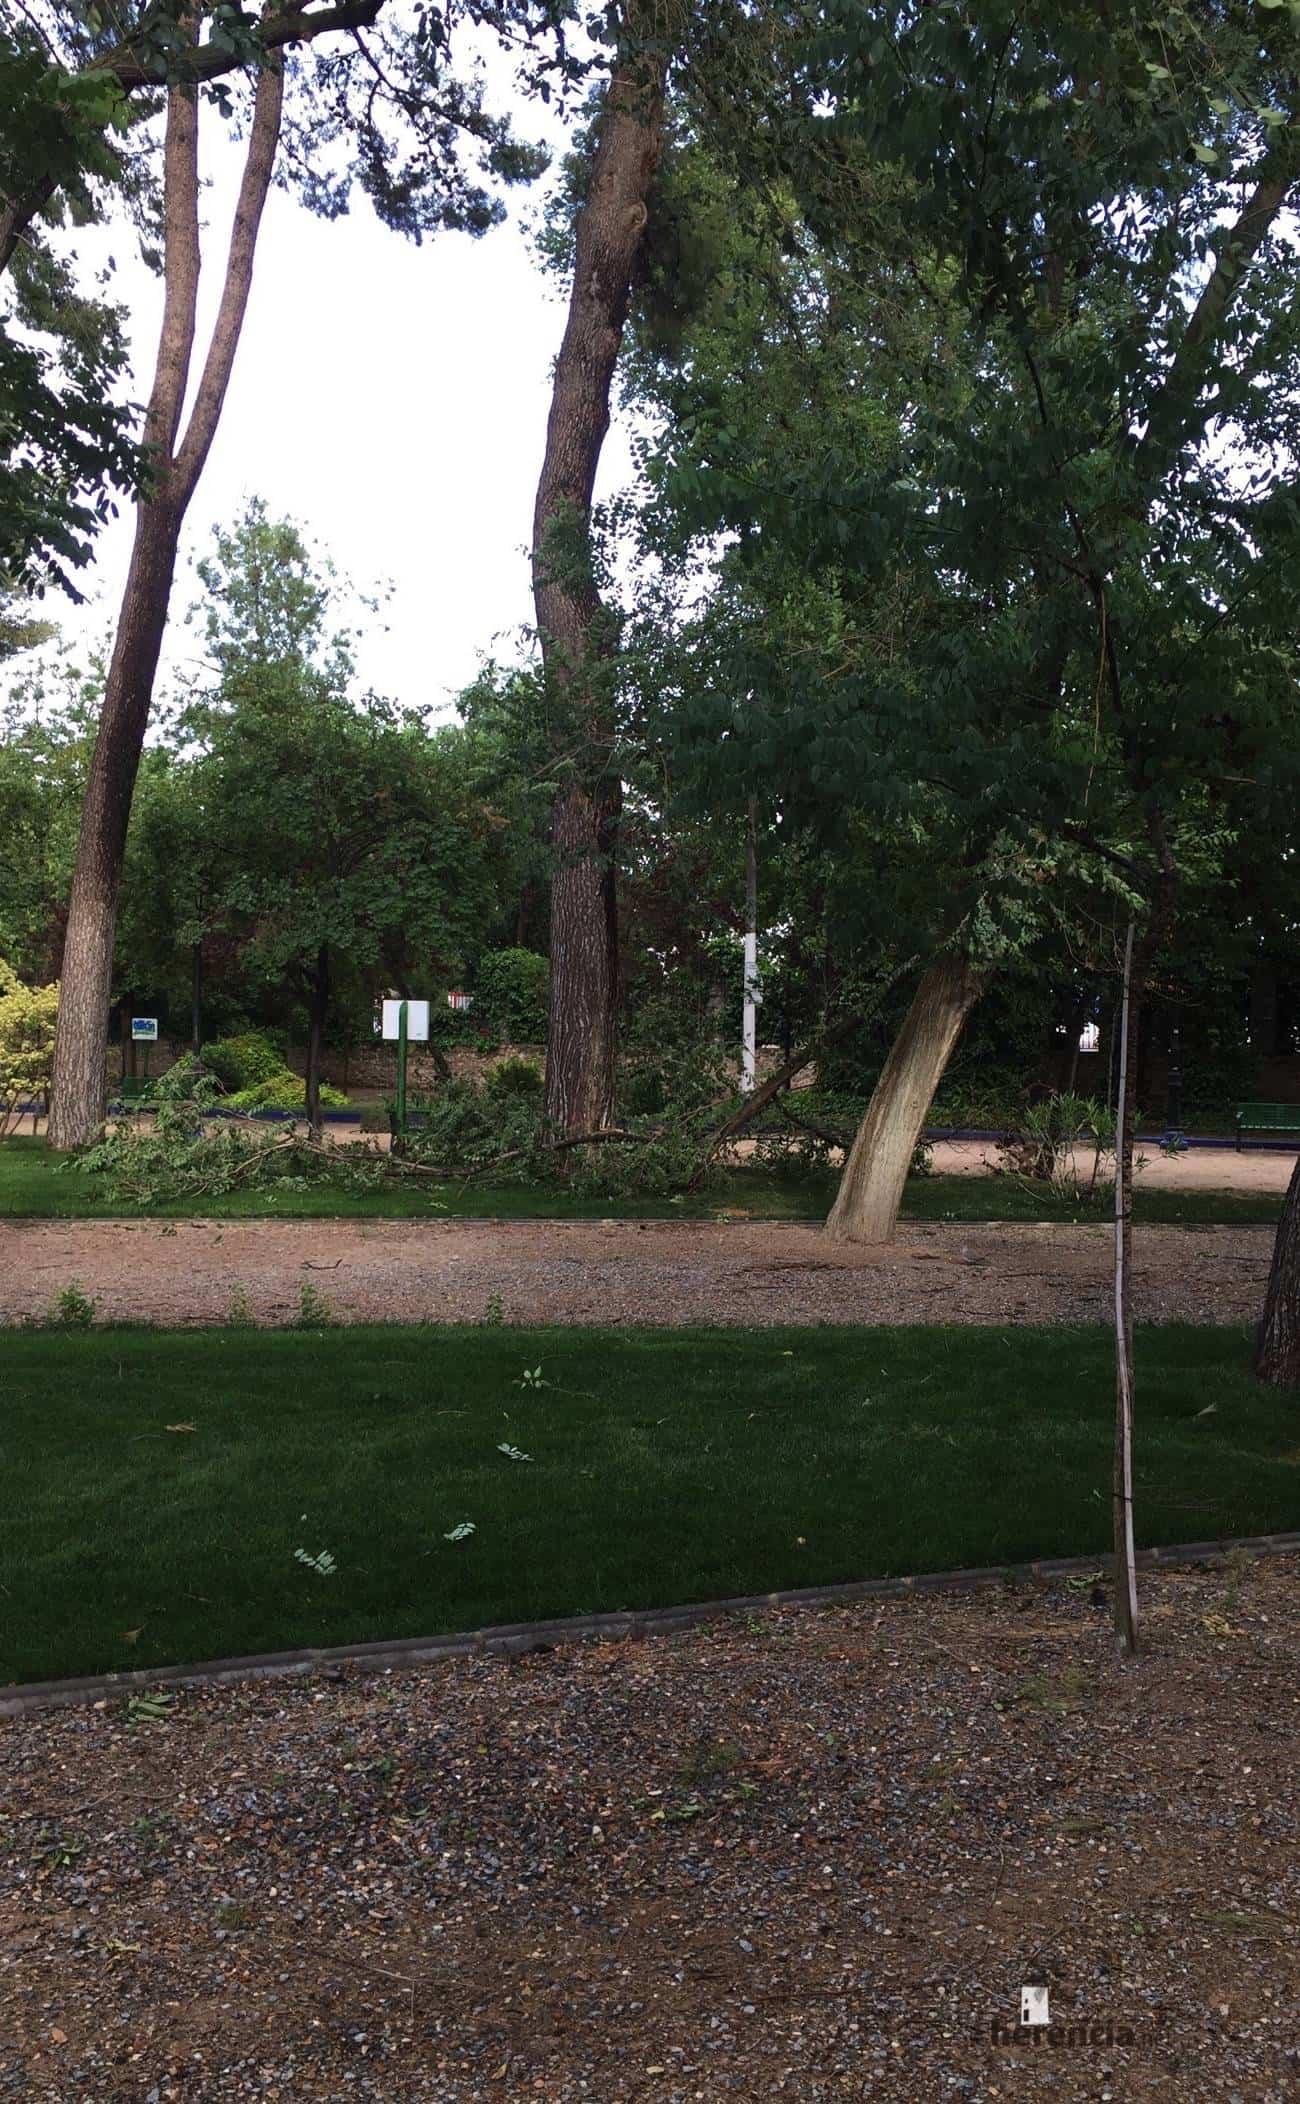 caida ramas tormenta viento herencia 1 - Tormentas en la tarde domingo y ramas caídas en el parque